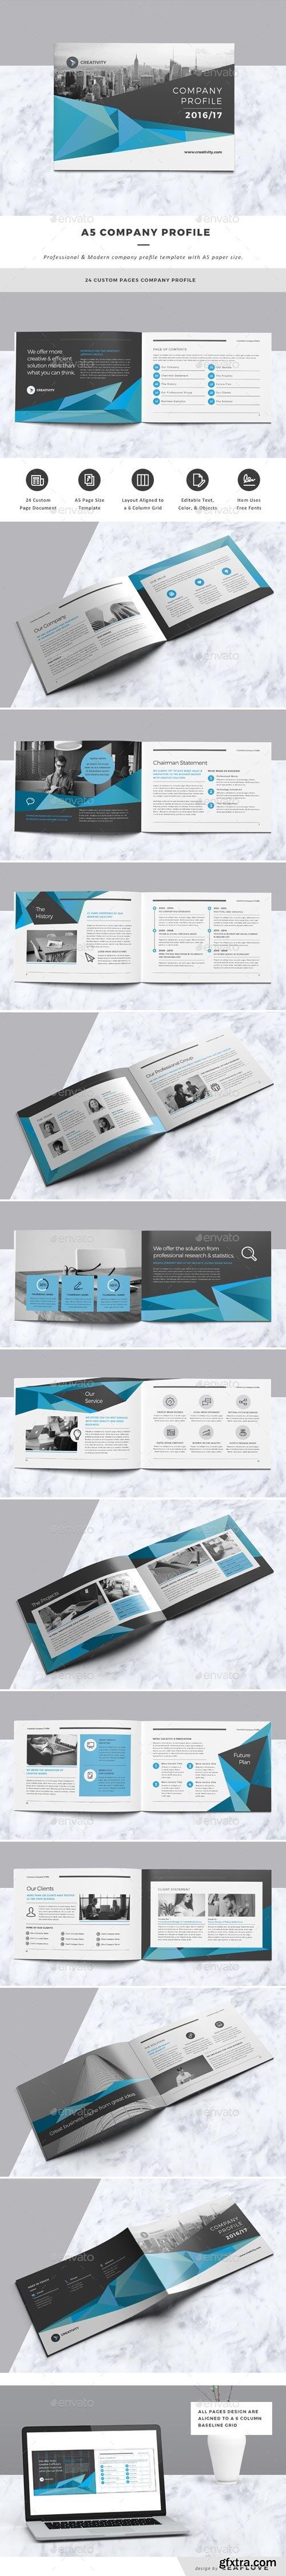 GraphicRiver - Company Profile - 18157636